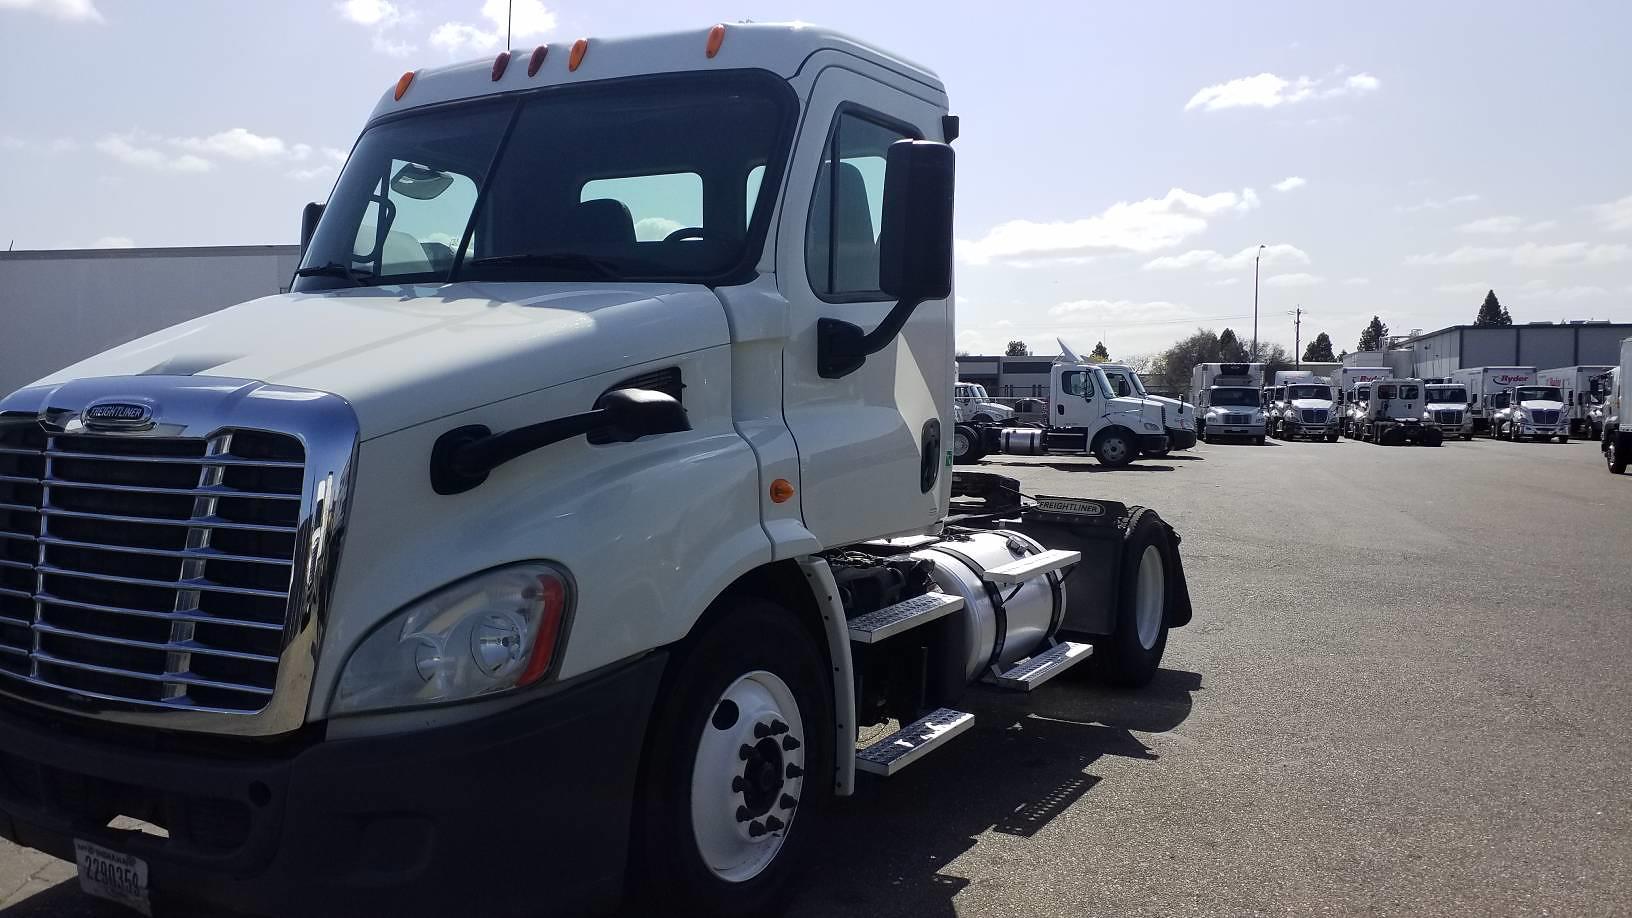 2014 Freightliner Truck, Tractor #587168 - photo 1